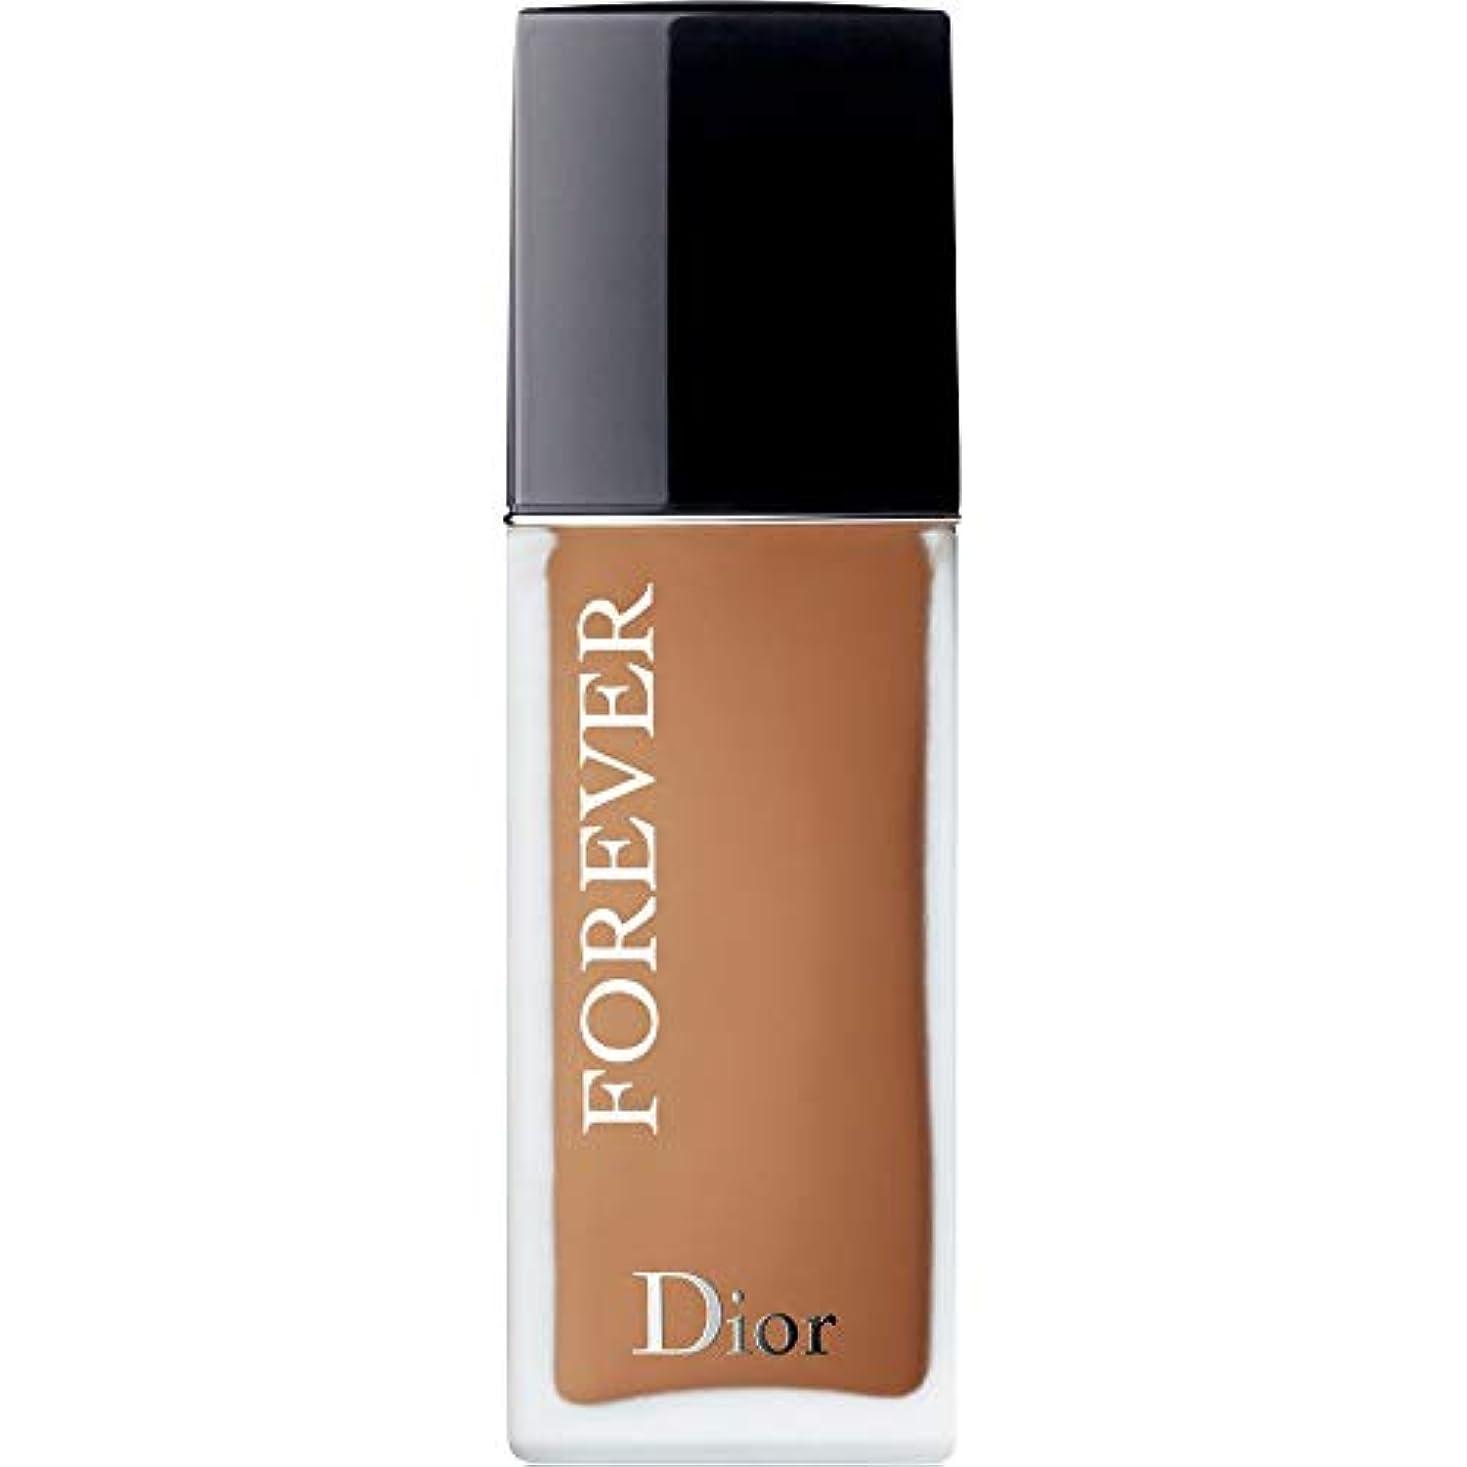 協力的真面目な彼女自身[Dior ] ディオール永遠皮膚思いやりの基盤Spf35 30ミリリットルの5ワット - 暖かい(つや消し) - DIOR Forever Skin-Caring Foundation SPF35 30ml 5W -...